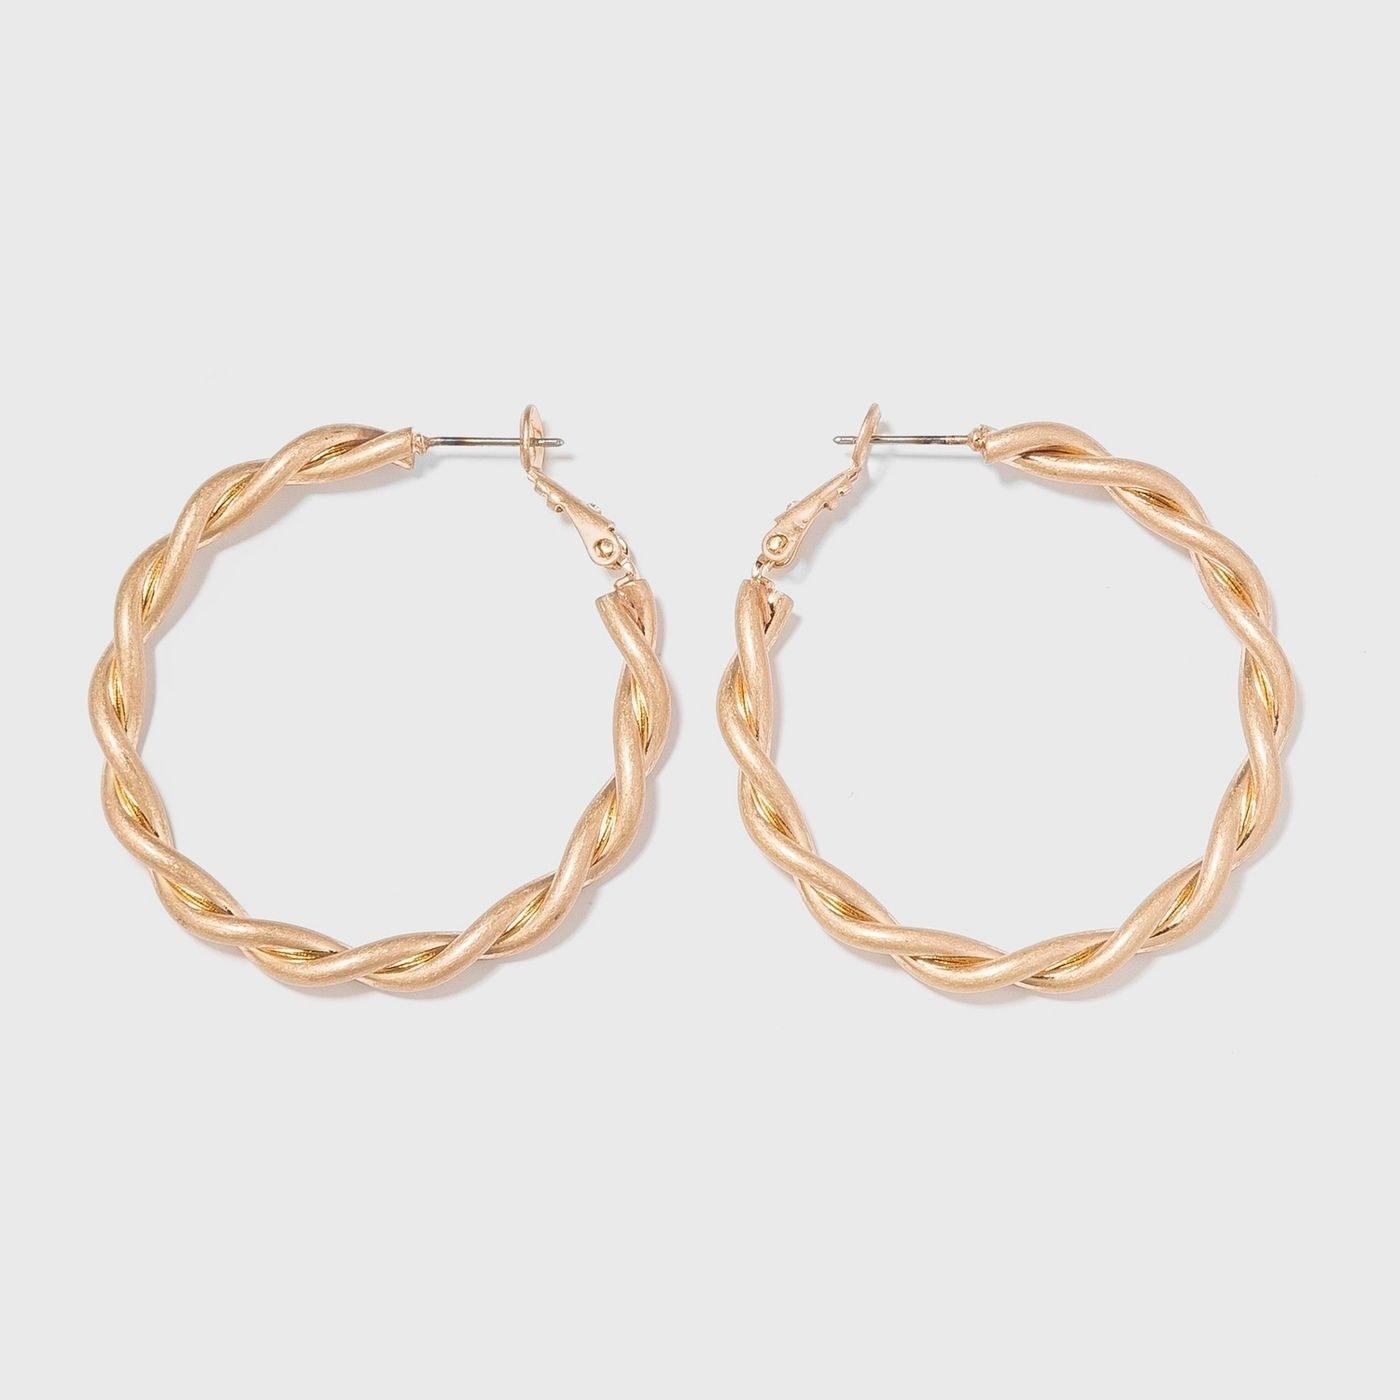 Round gold hoop earrings